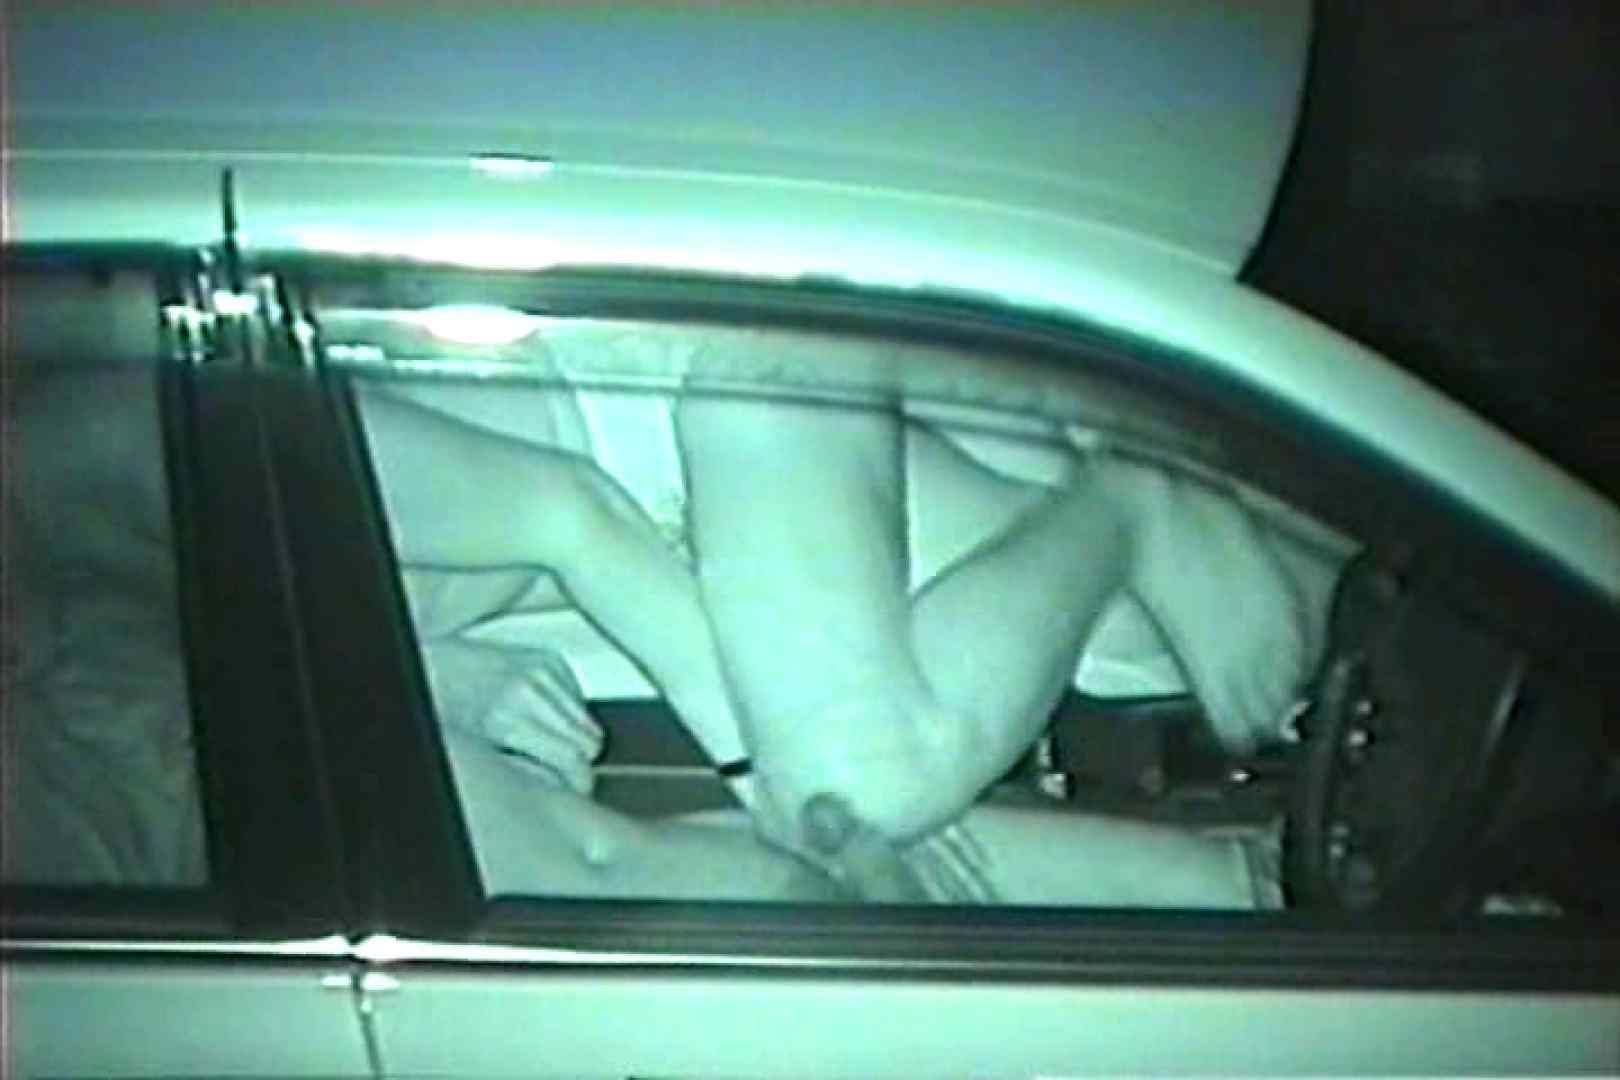 車の中はラブホテル 無修正版  Vol.28 ホテル のぞき濡れ場動画紹介 79画像 58